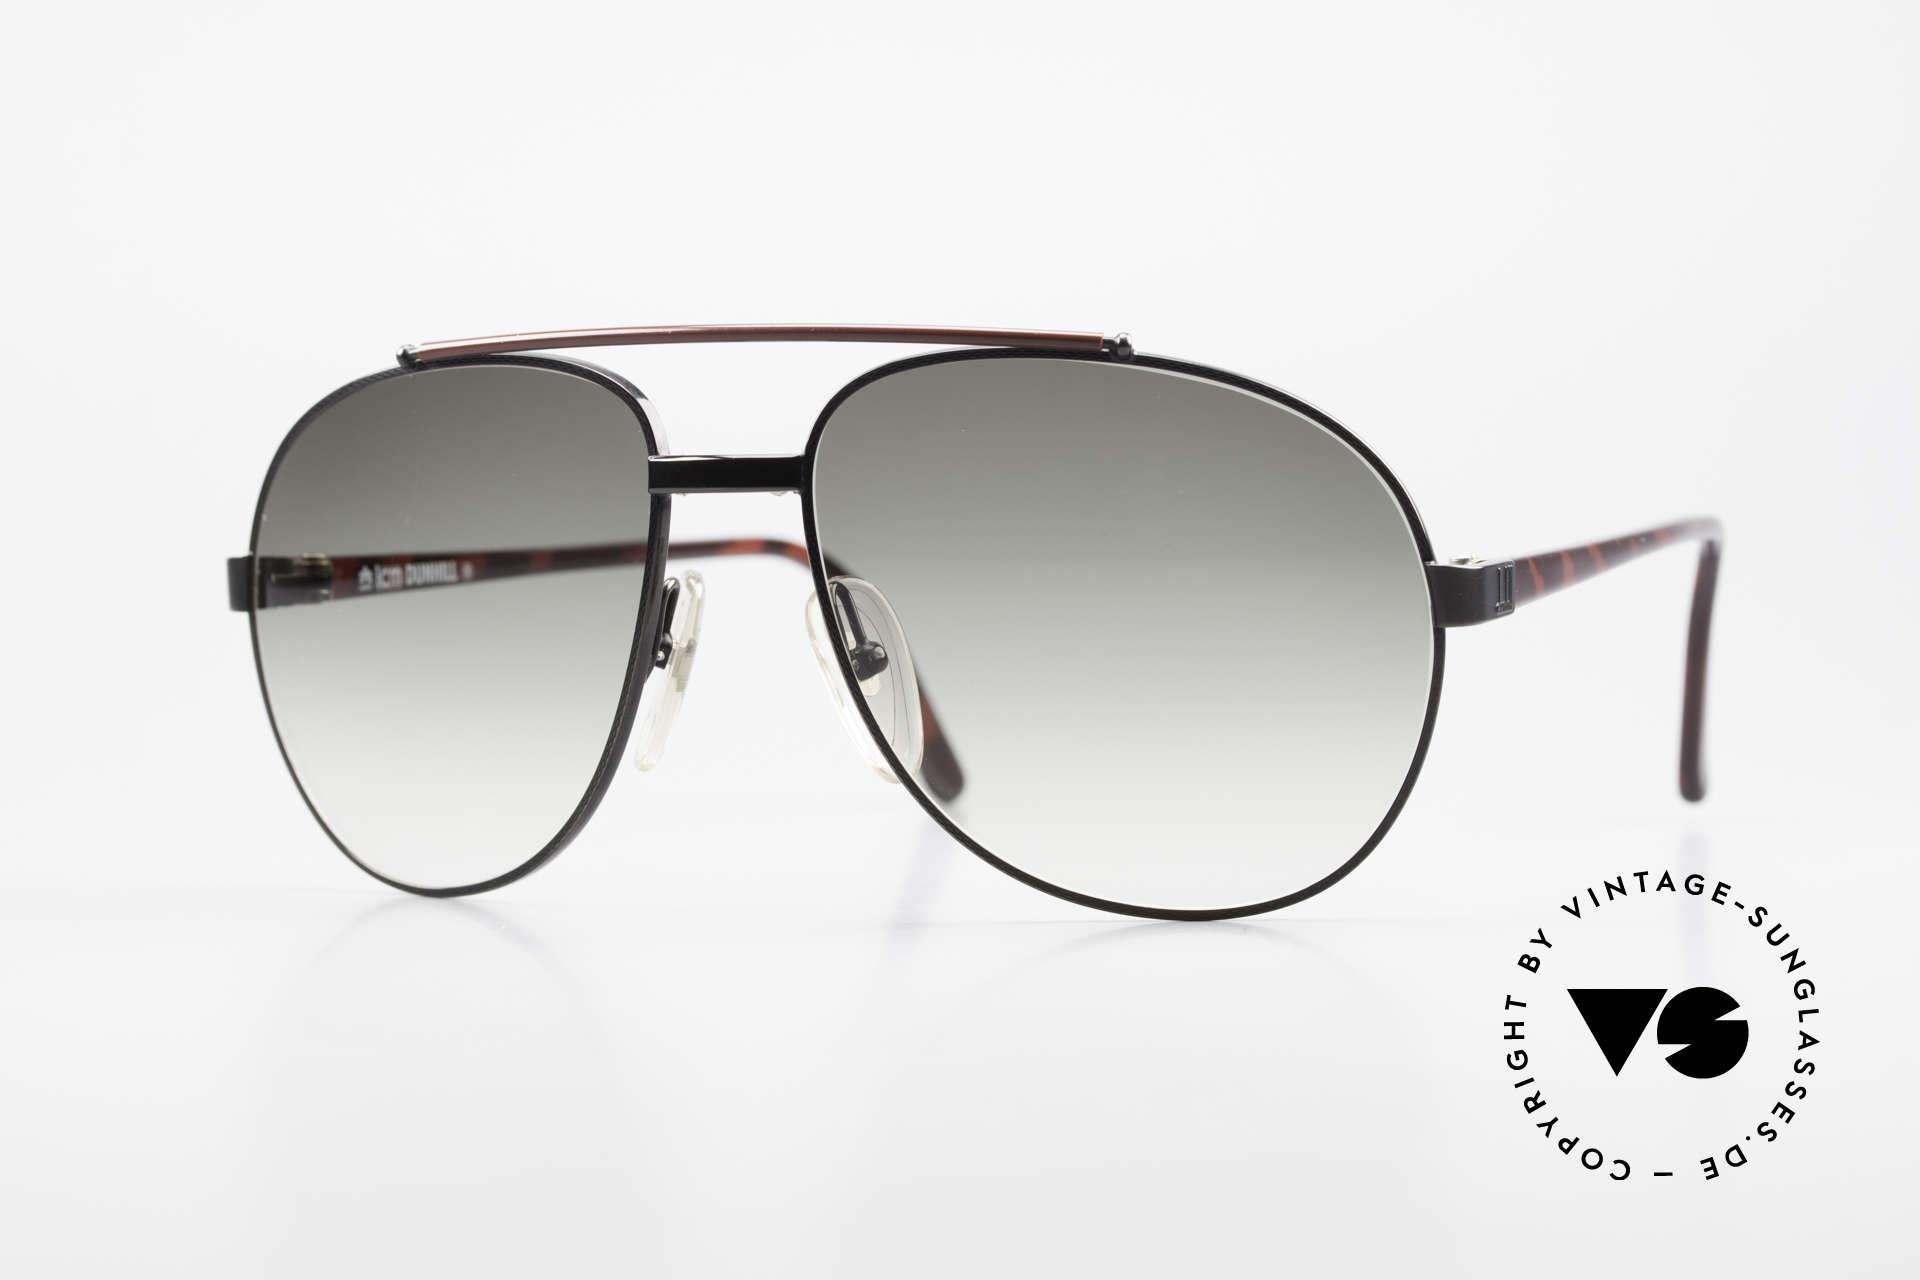 Dunhill 6070 90er Luxus Herren Sonnenbrille, edler, hochwertiger und stilvoller geht's nicht, Passend für Herren